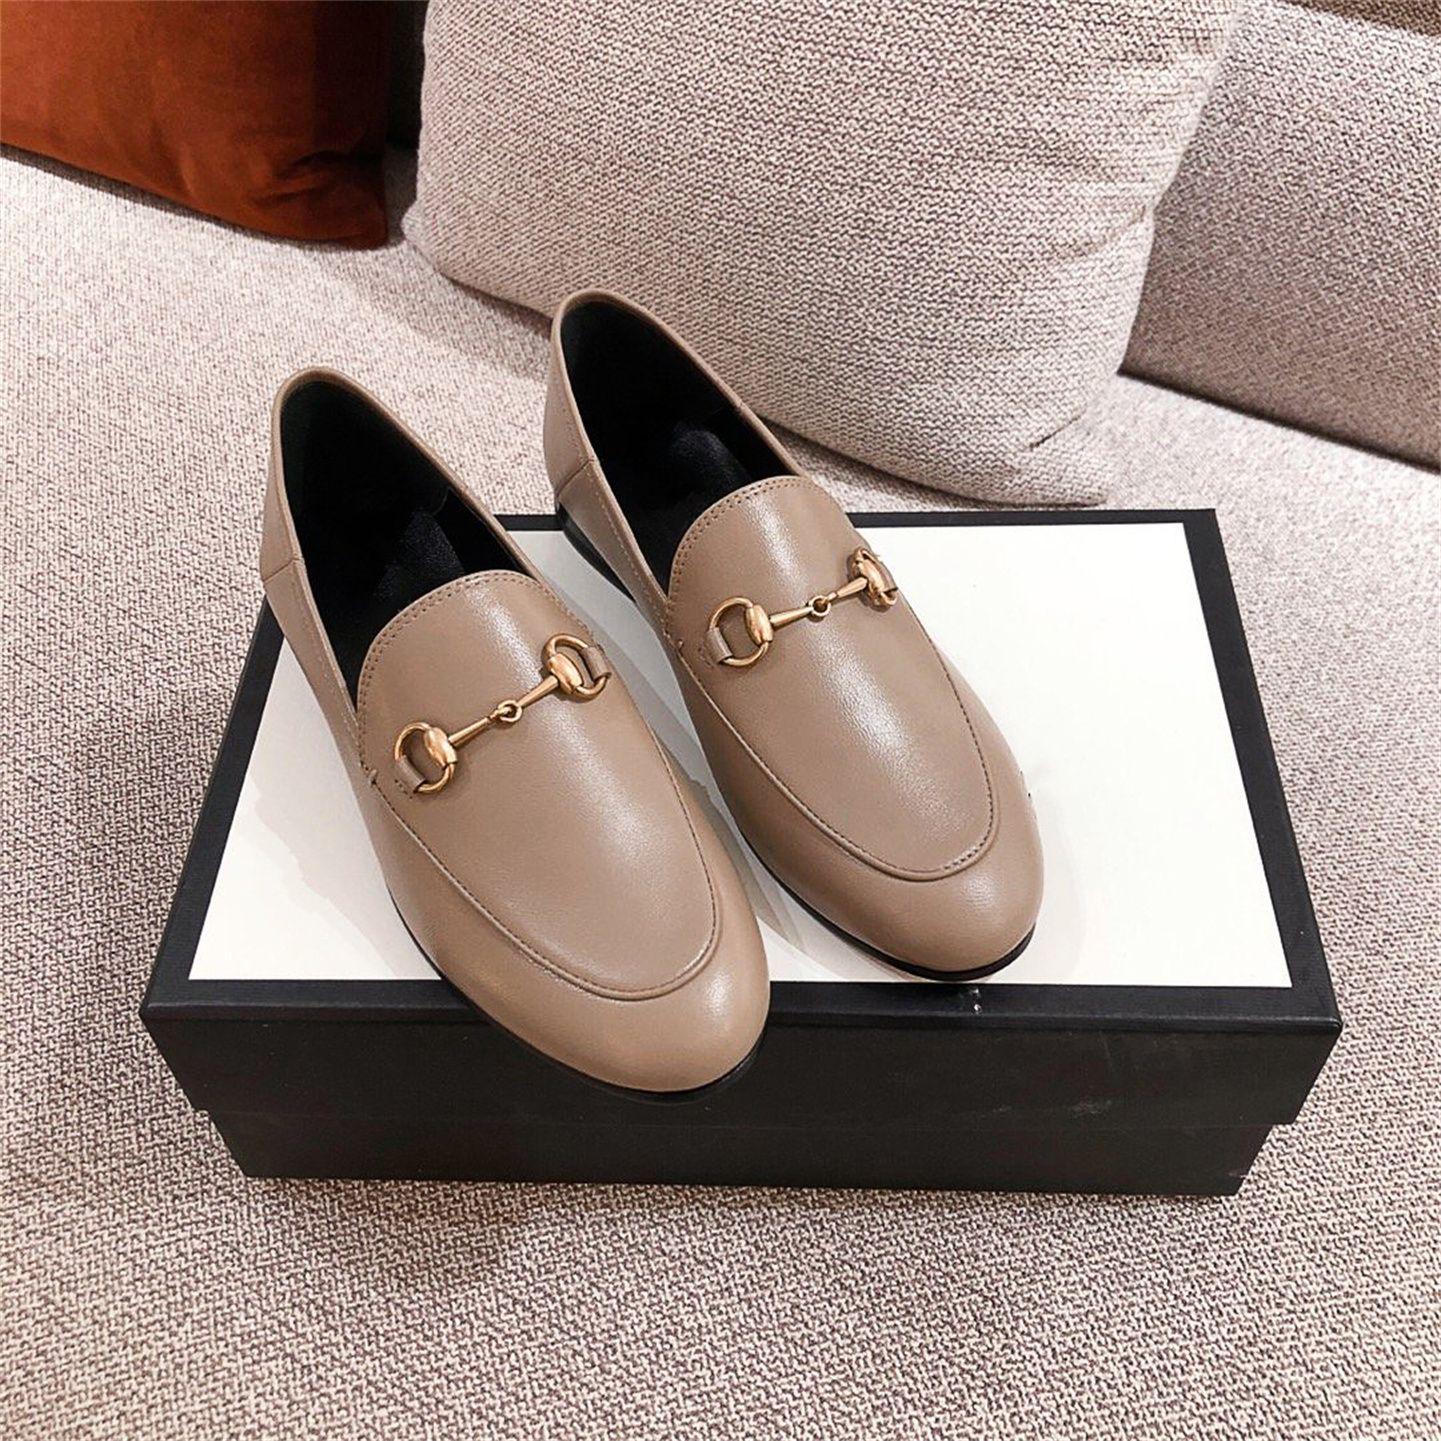 gucci Tasarım anlamda loafer'lar kadın İngiliz tarzı ayakkabı 2021 ilkbahar ve sonbahar retro küçük deri kalın topuk şarkı üzerinde basılı olabilir